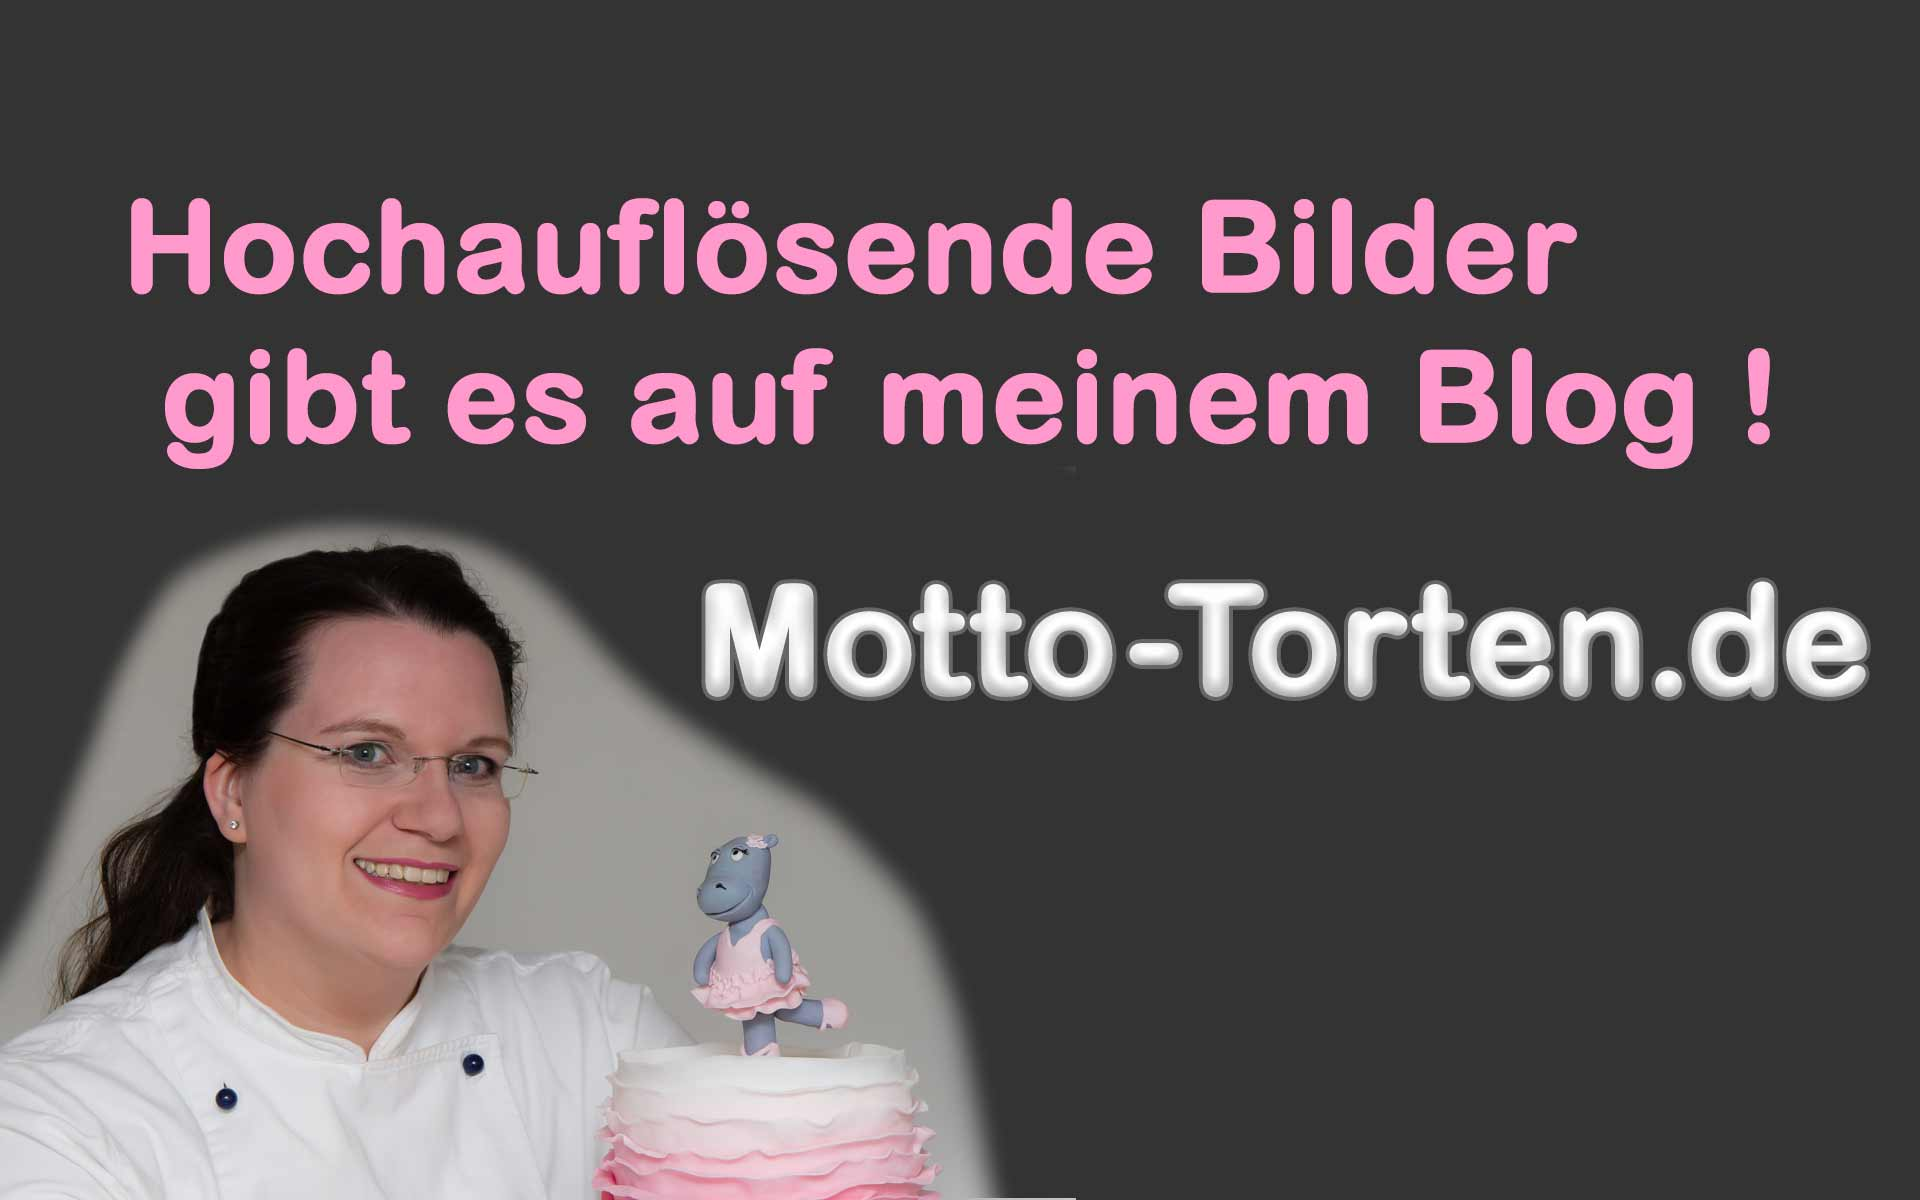 Maritime Hochzeitstorte Zur Silberhochzeit Motto Torten De